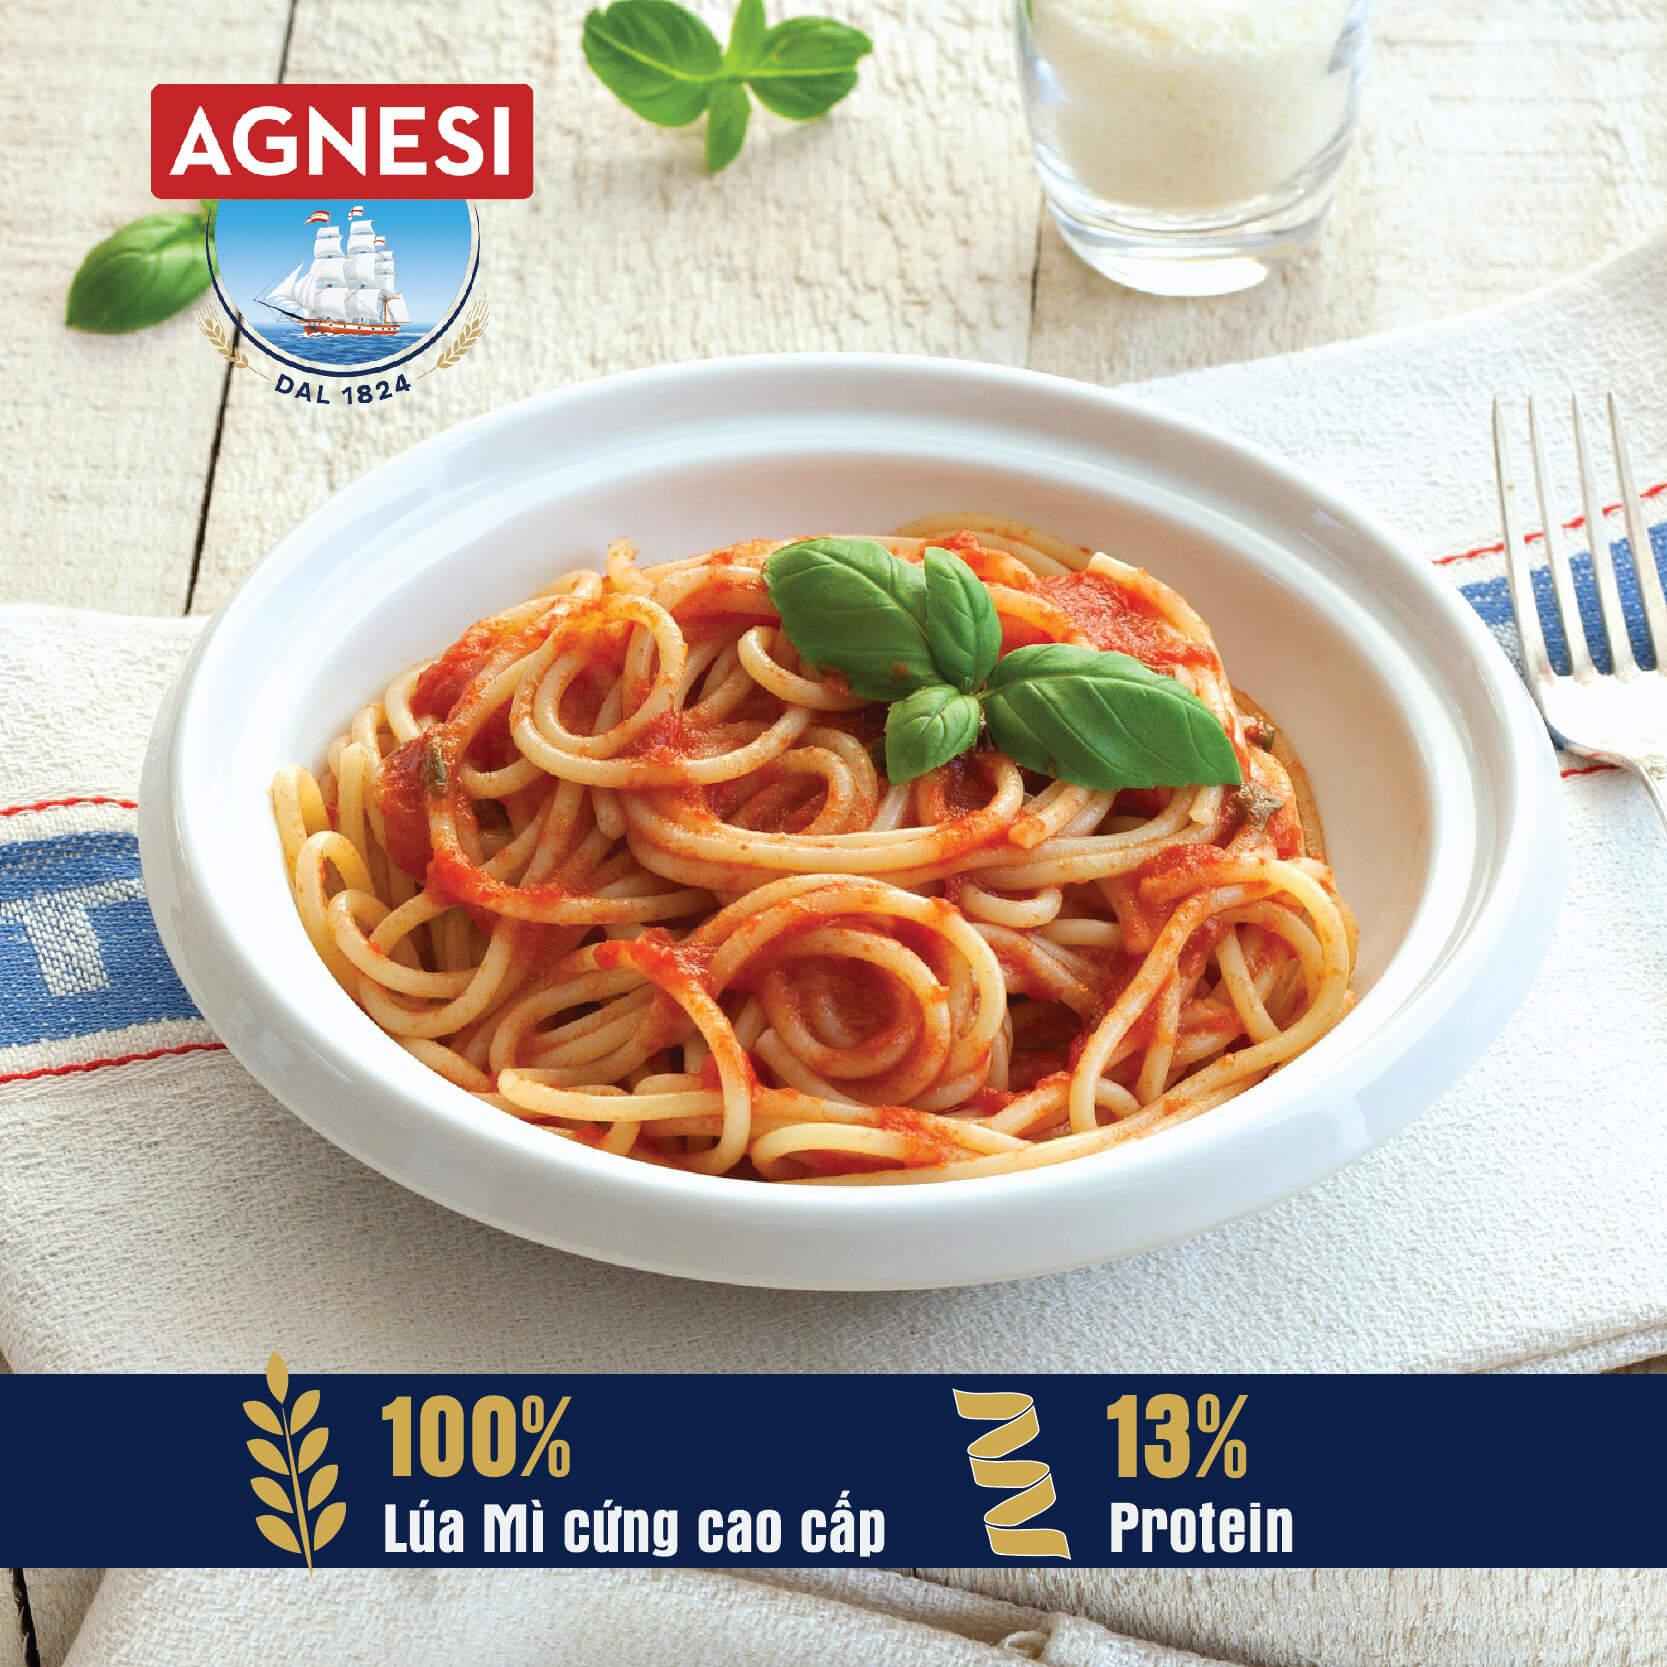 Mì Ý Linguine N.10 Agnesi 500g, cọng dẹt làm từ lúa mì cứng cao cấp Semolina, luộc 10 phút, nhập khẩu Ý